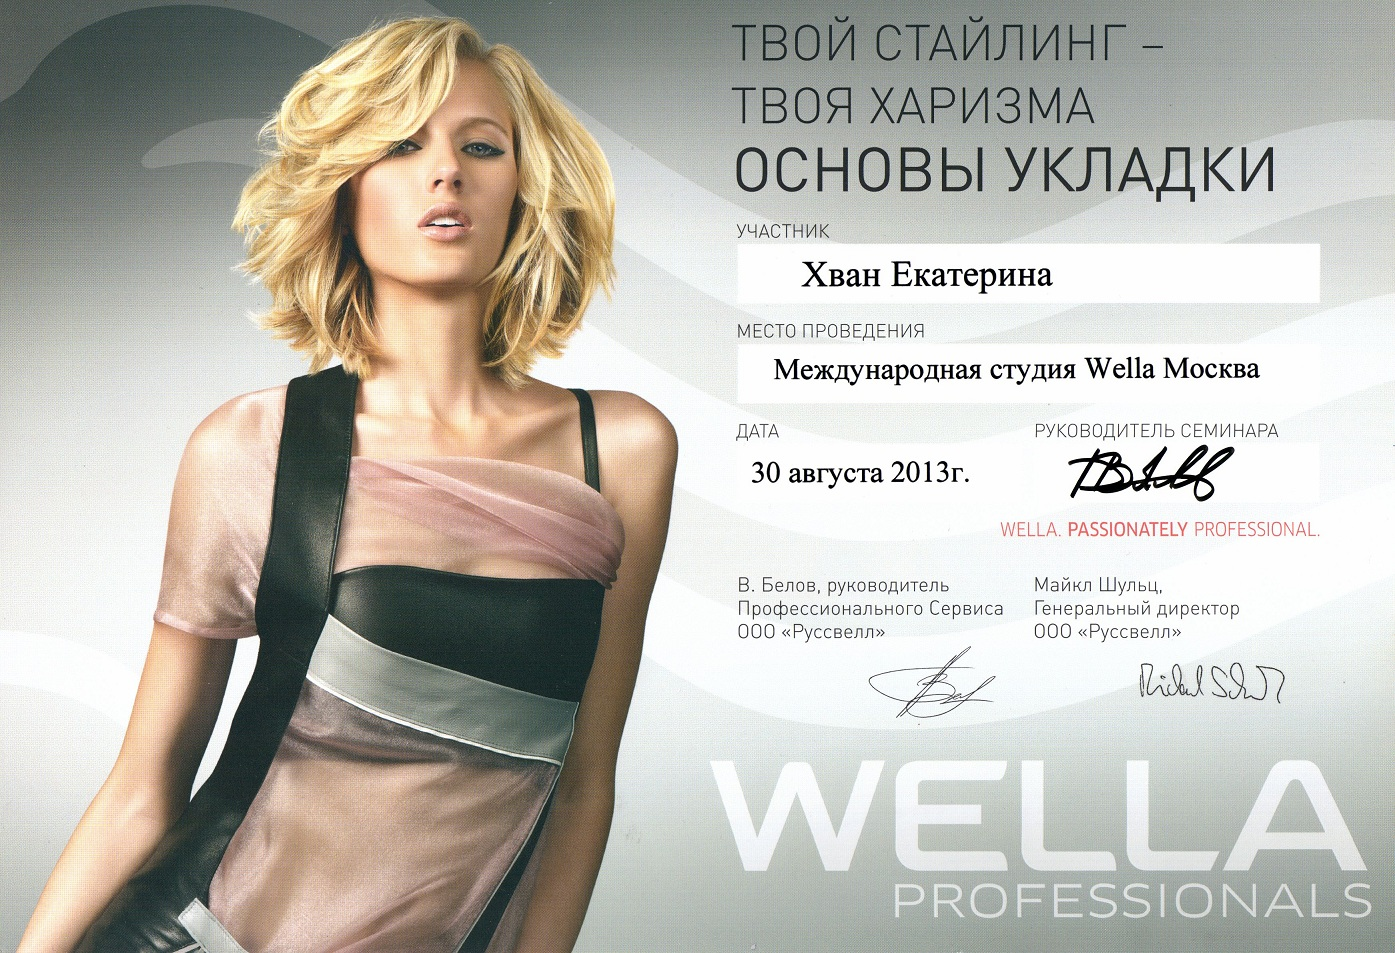 2013 твой стайлинг, твоя харизма - основы укладки wella